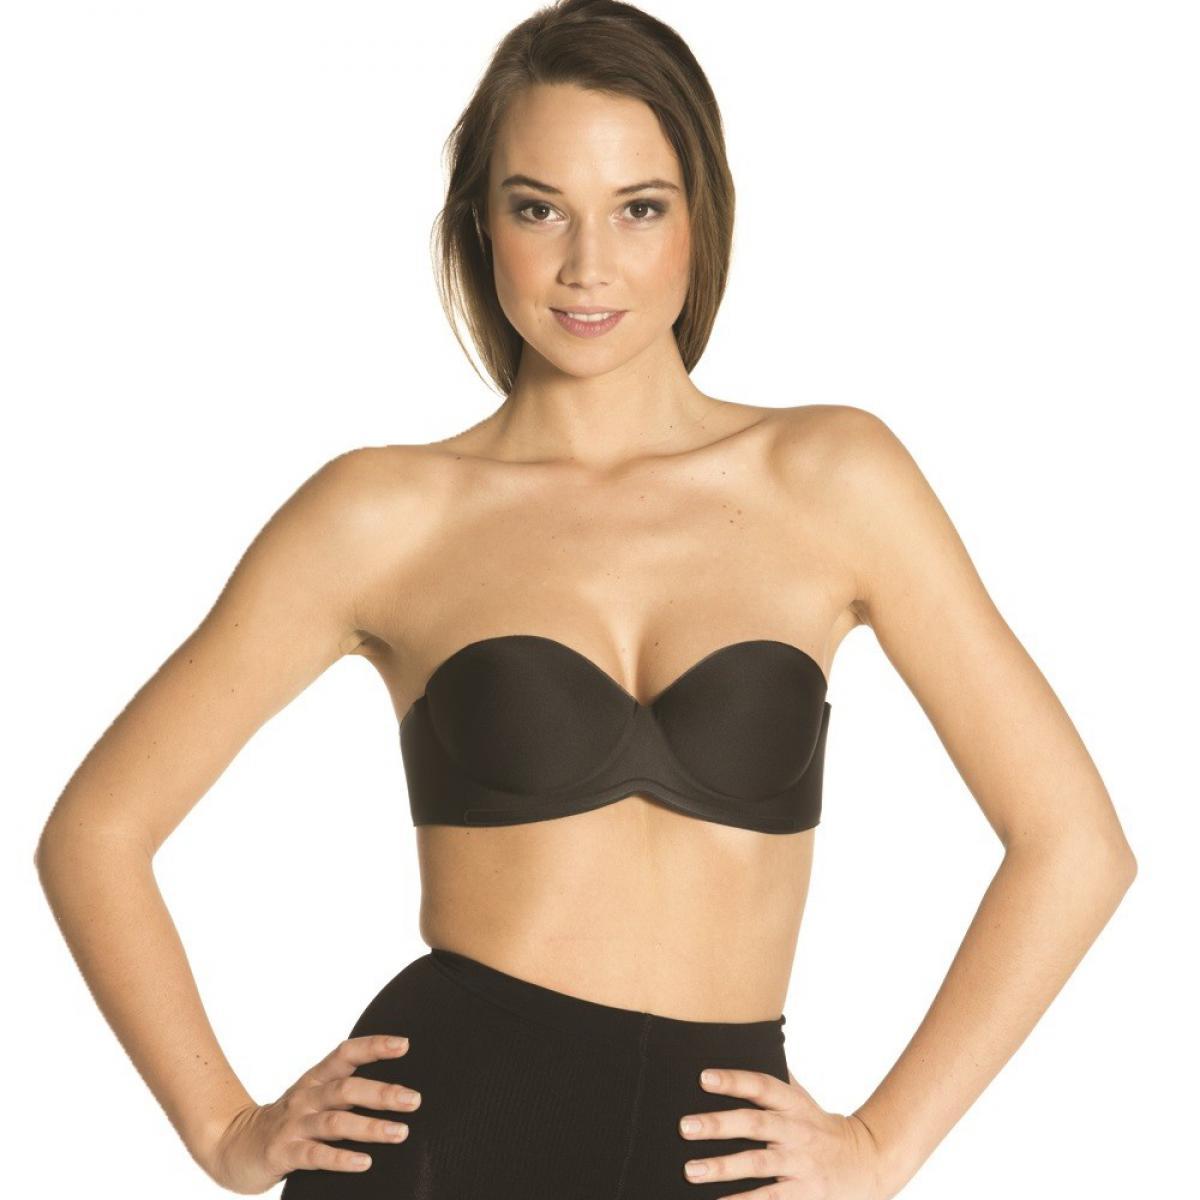 Soutien-gorge bandeau sans dos 0 noir par Magic body fashion 005c576e670